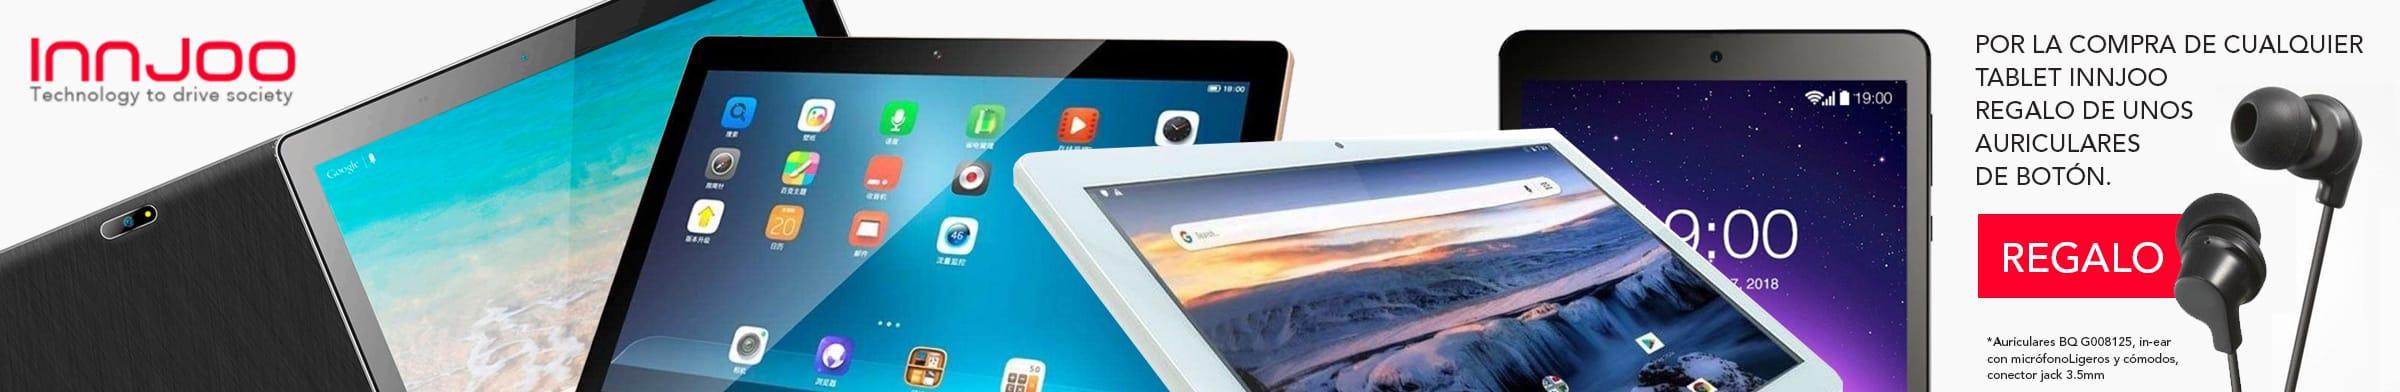 Ahora por la compra de una tablet Innjoo te llevas de regalo unos auriculares